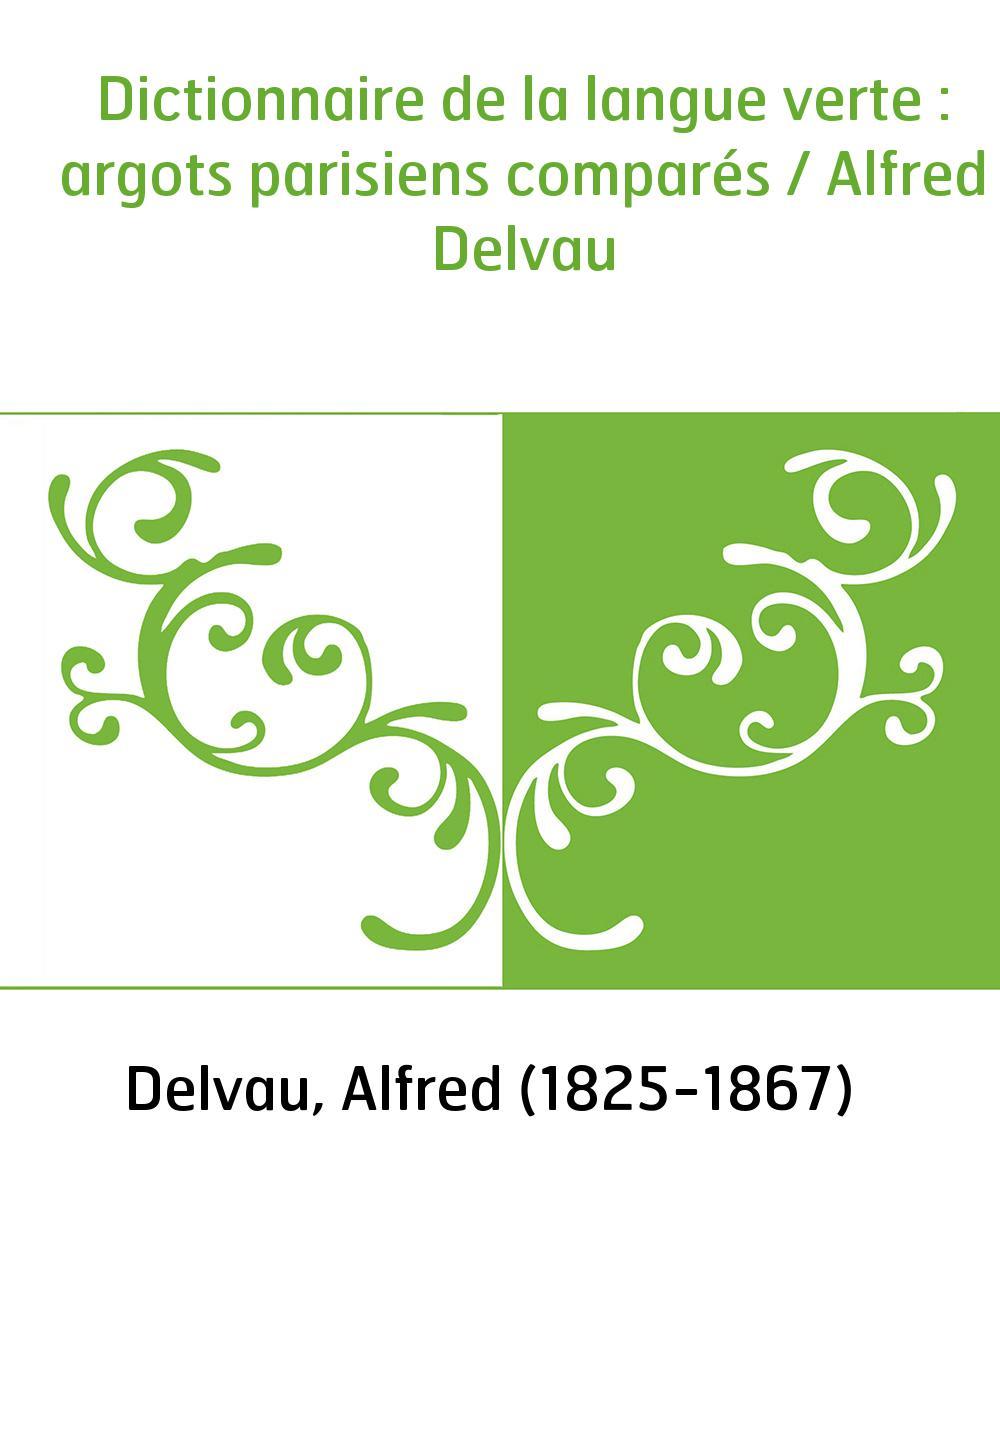 Dictionnaire de la langue verte : argots parisiens comparés / Alfred Delvau